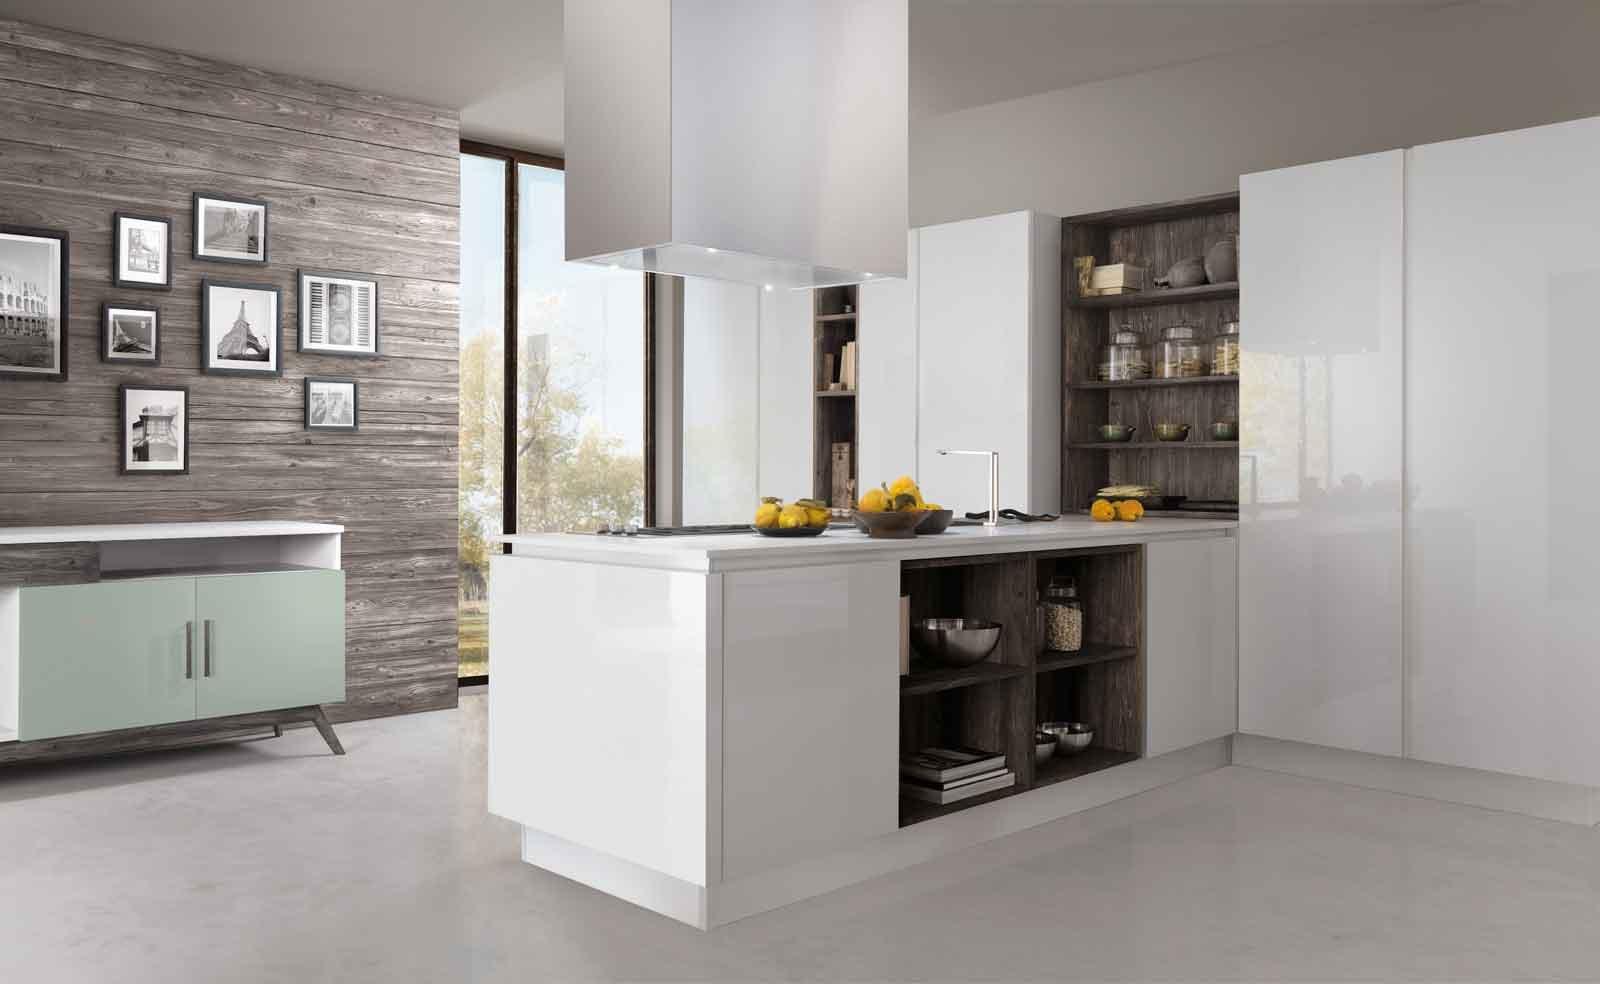 Cucine con elementi a boiserie cose di casa - Immagini di cucina ...